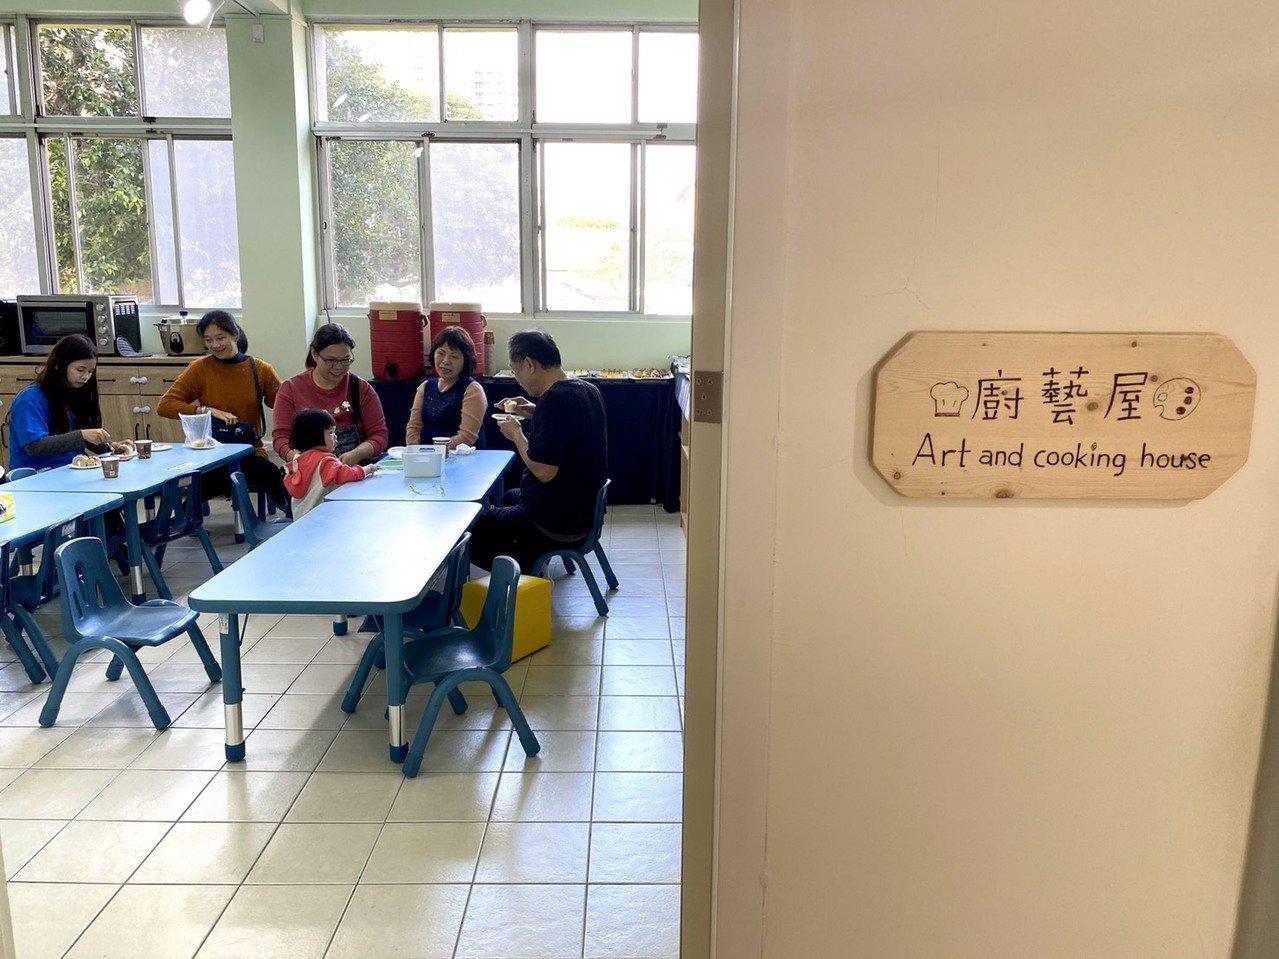 啟發孩子生活技能的「廚藝屋」。記者魏莨伊/攝影